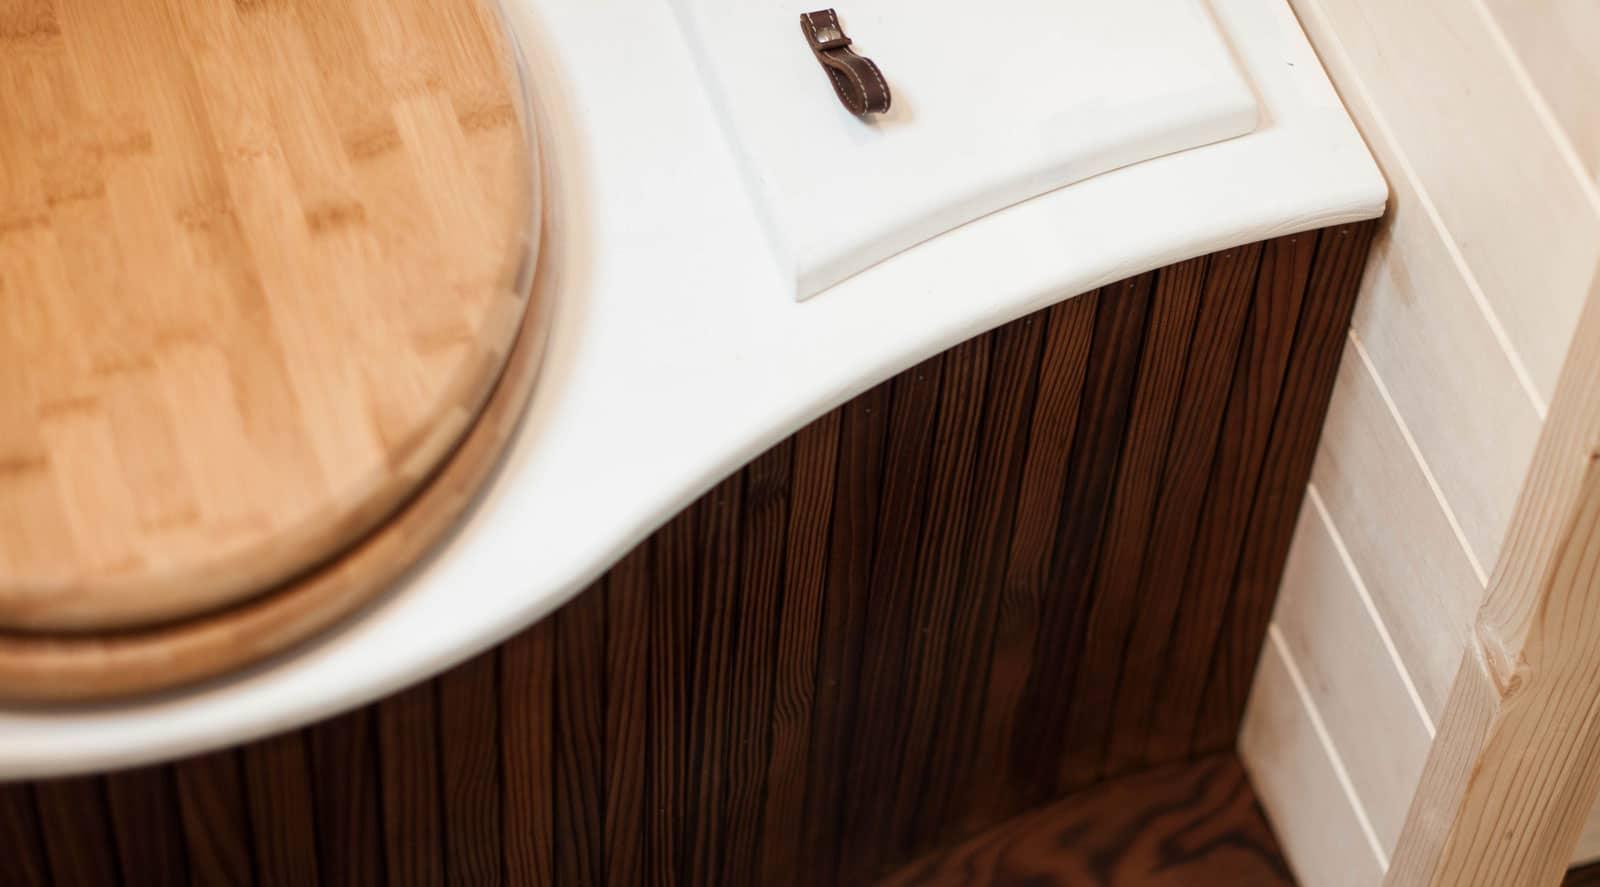 Installation de toilettes sèches : que dit la loi ?